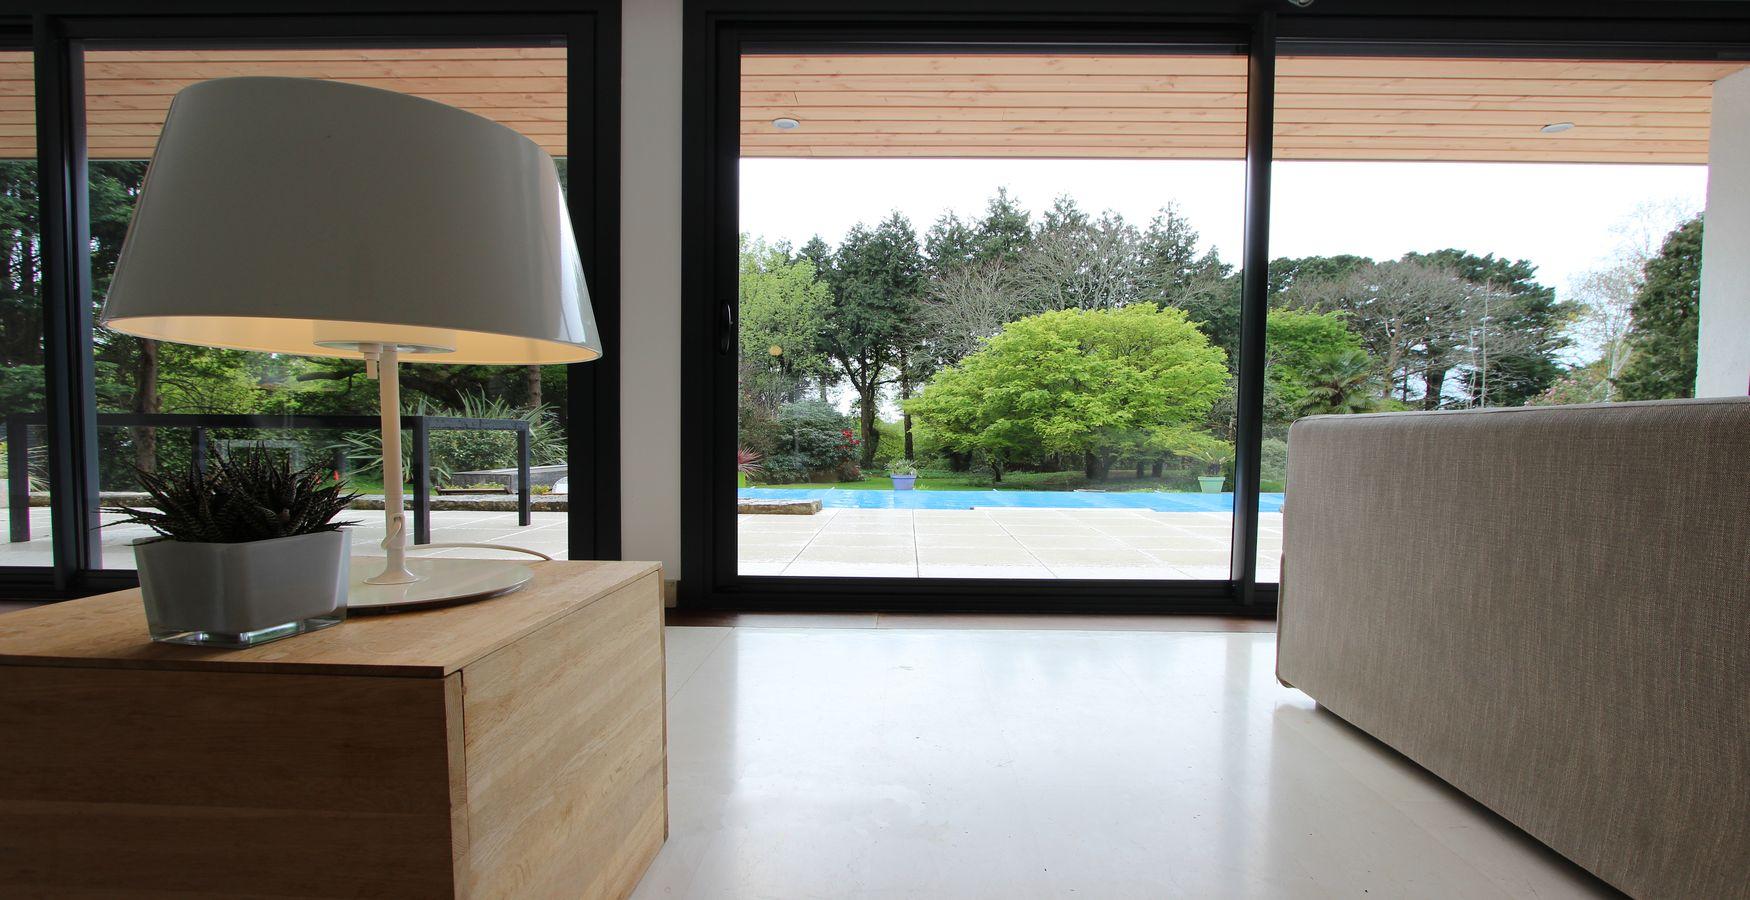 achat et vente d 39 immobilier sur quimper et le sud finist re l 39 agence immobilier associ s. Black Bedroom Furniture Sets. Home Design Ideas